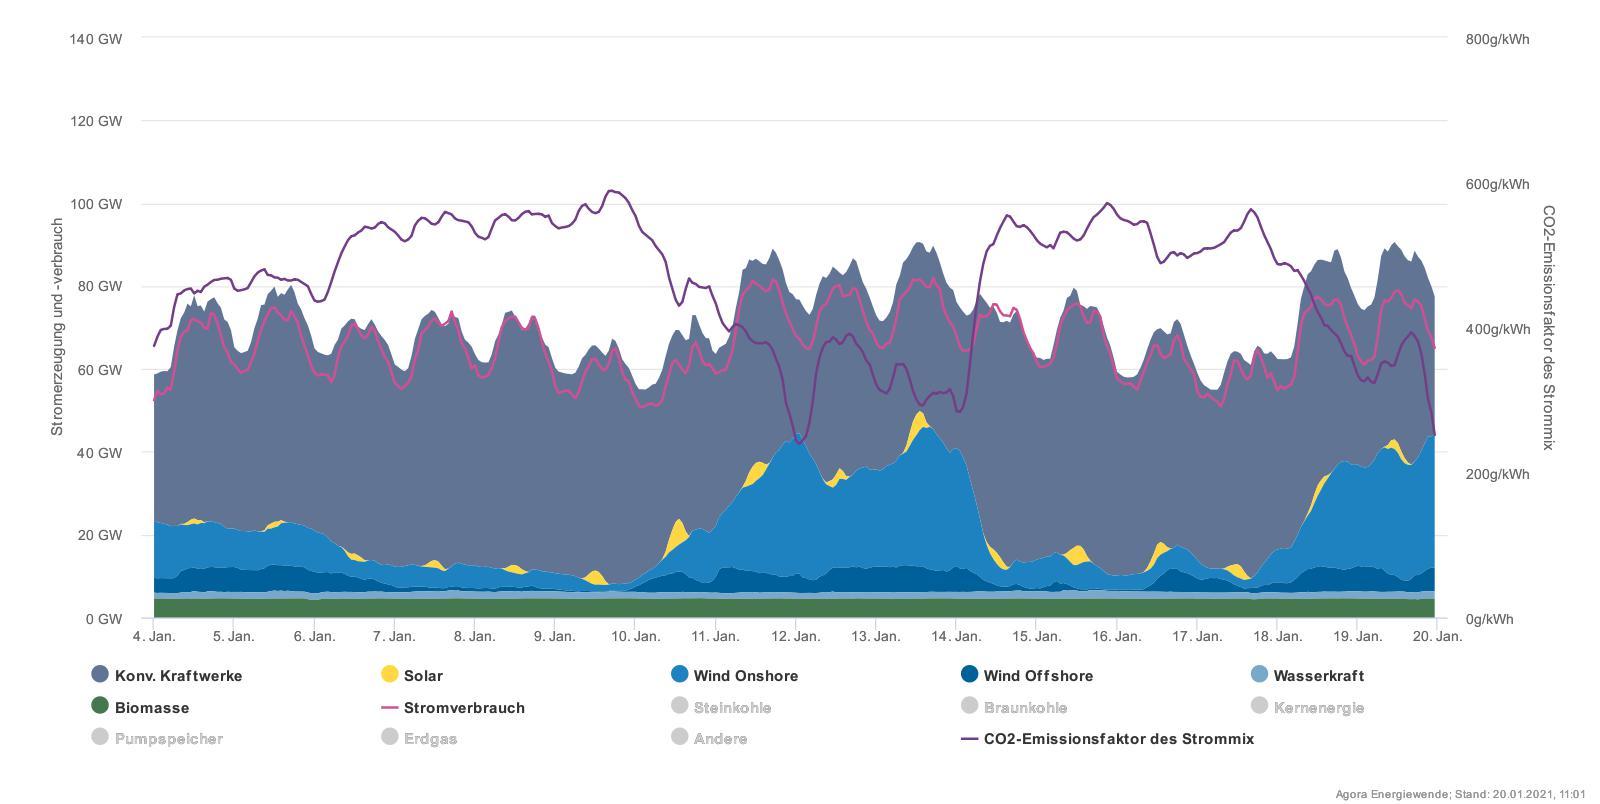 Zde je vidět podíl jednotlivých zdrojů vněmecké výrobě: zelená je biomasa, nejsvětlejší modrá je voda, tmavě a světle modré jsou mořské a pozemní větrné farmy a žluté pak sluneční zdroje. Šedou jsou vyznačeny klasické zdroje. Je třeba připomenout, že německý instalovaný výkon větrných zdrojů již přesáhl 60 GWp a fotovoltaických pak přes 50 GWp. Tmavě fialová je produkce CO2 na jednotku vyrobené elektřiny vdané chvíli a světle pak německá spotřeba. (Zdroj AGORA Energiewende).